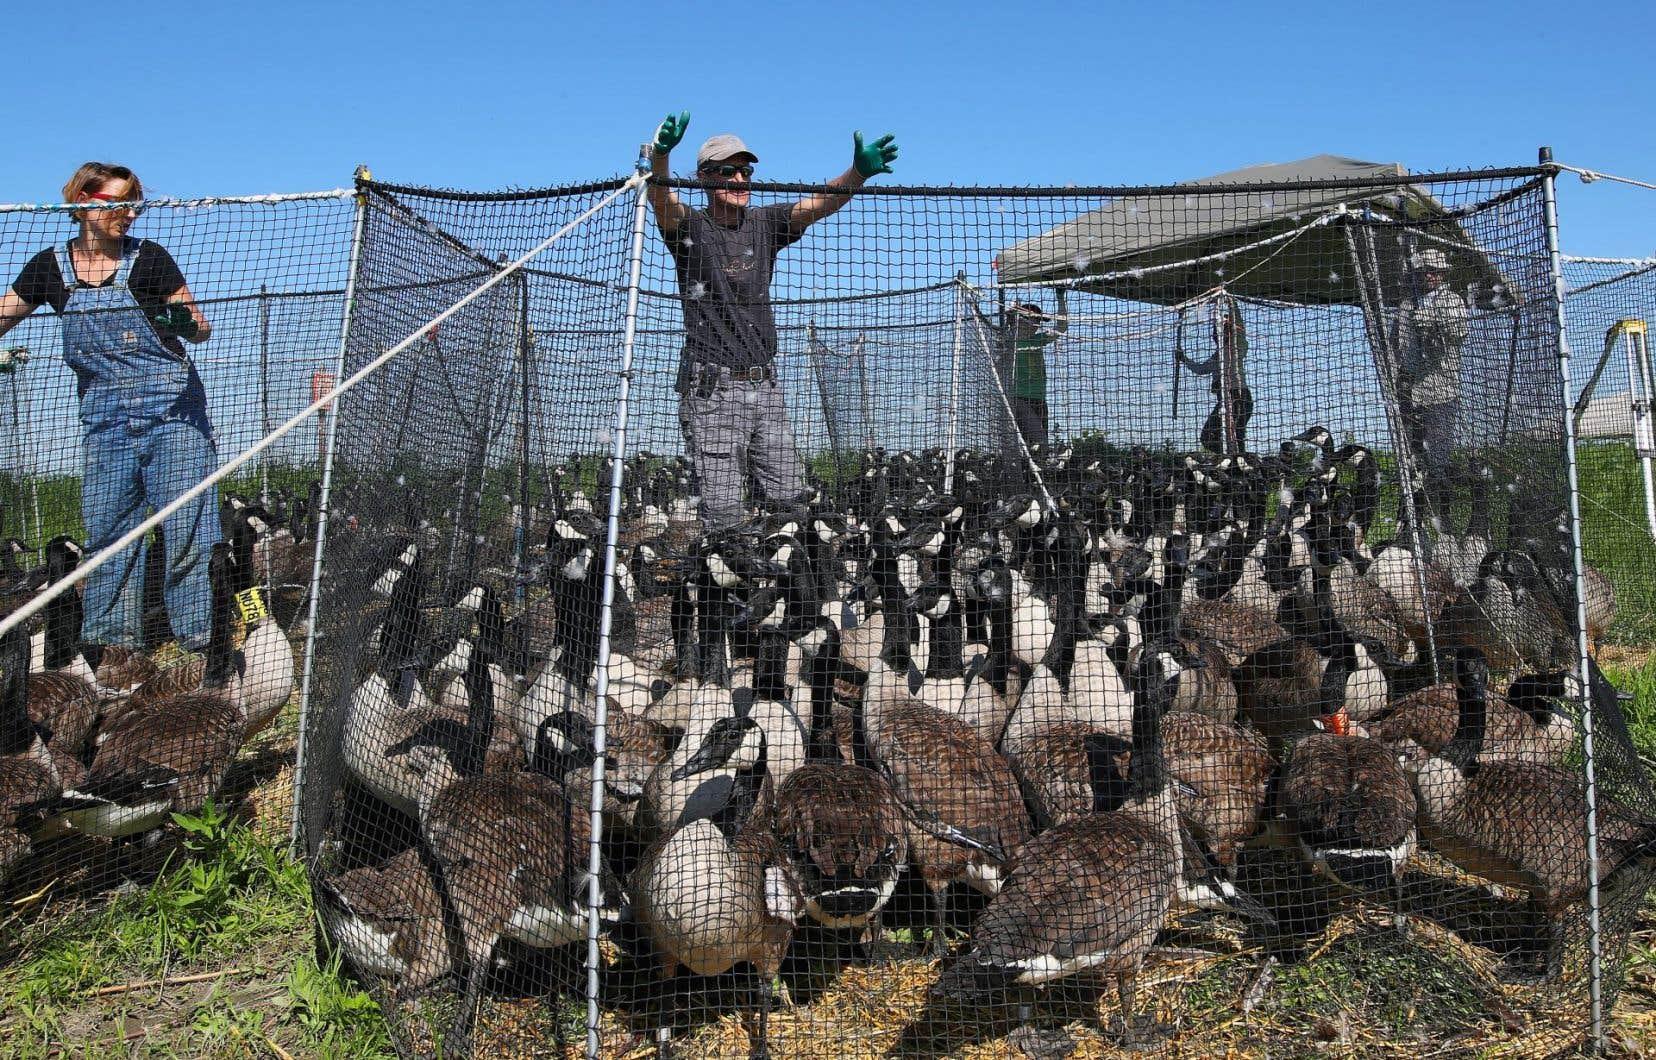 Quelque 380 bernaches ont été capturées dans les enclos pour l'opération de baguage sur les îles de Varennes.